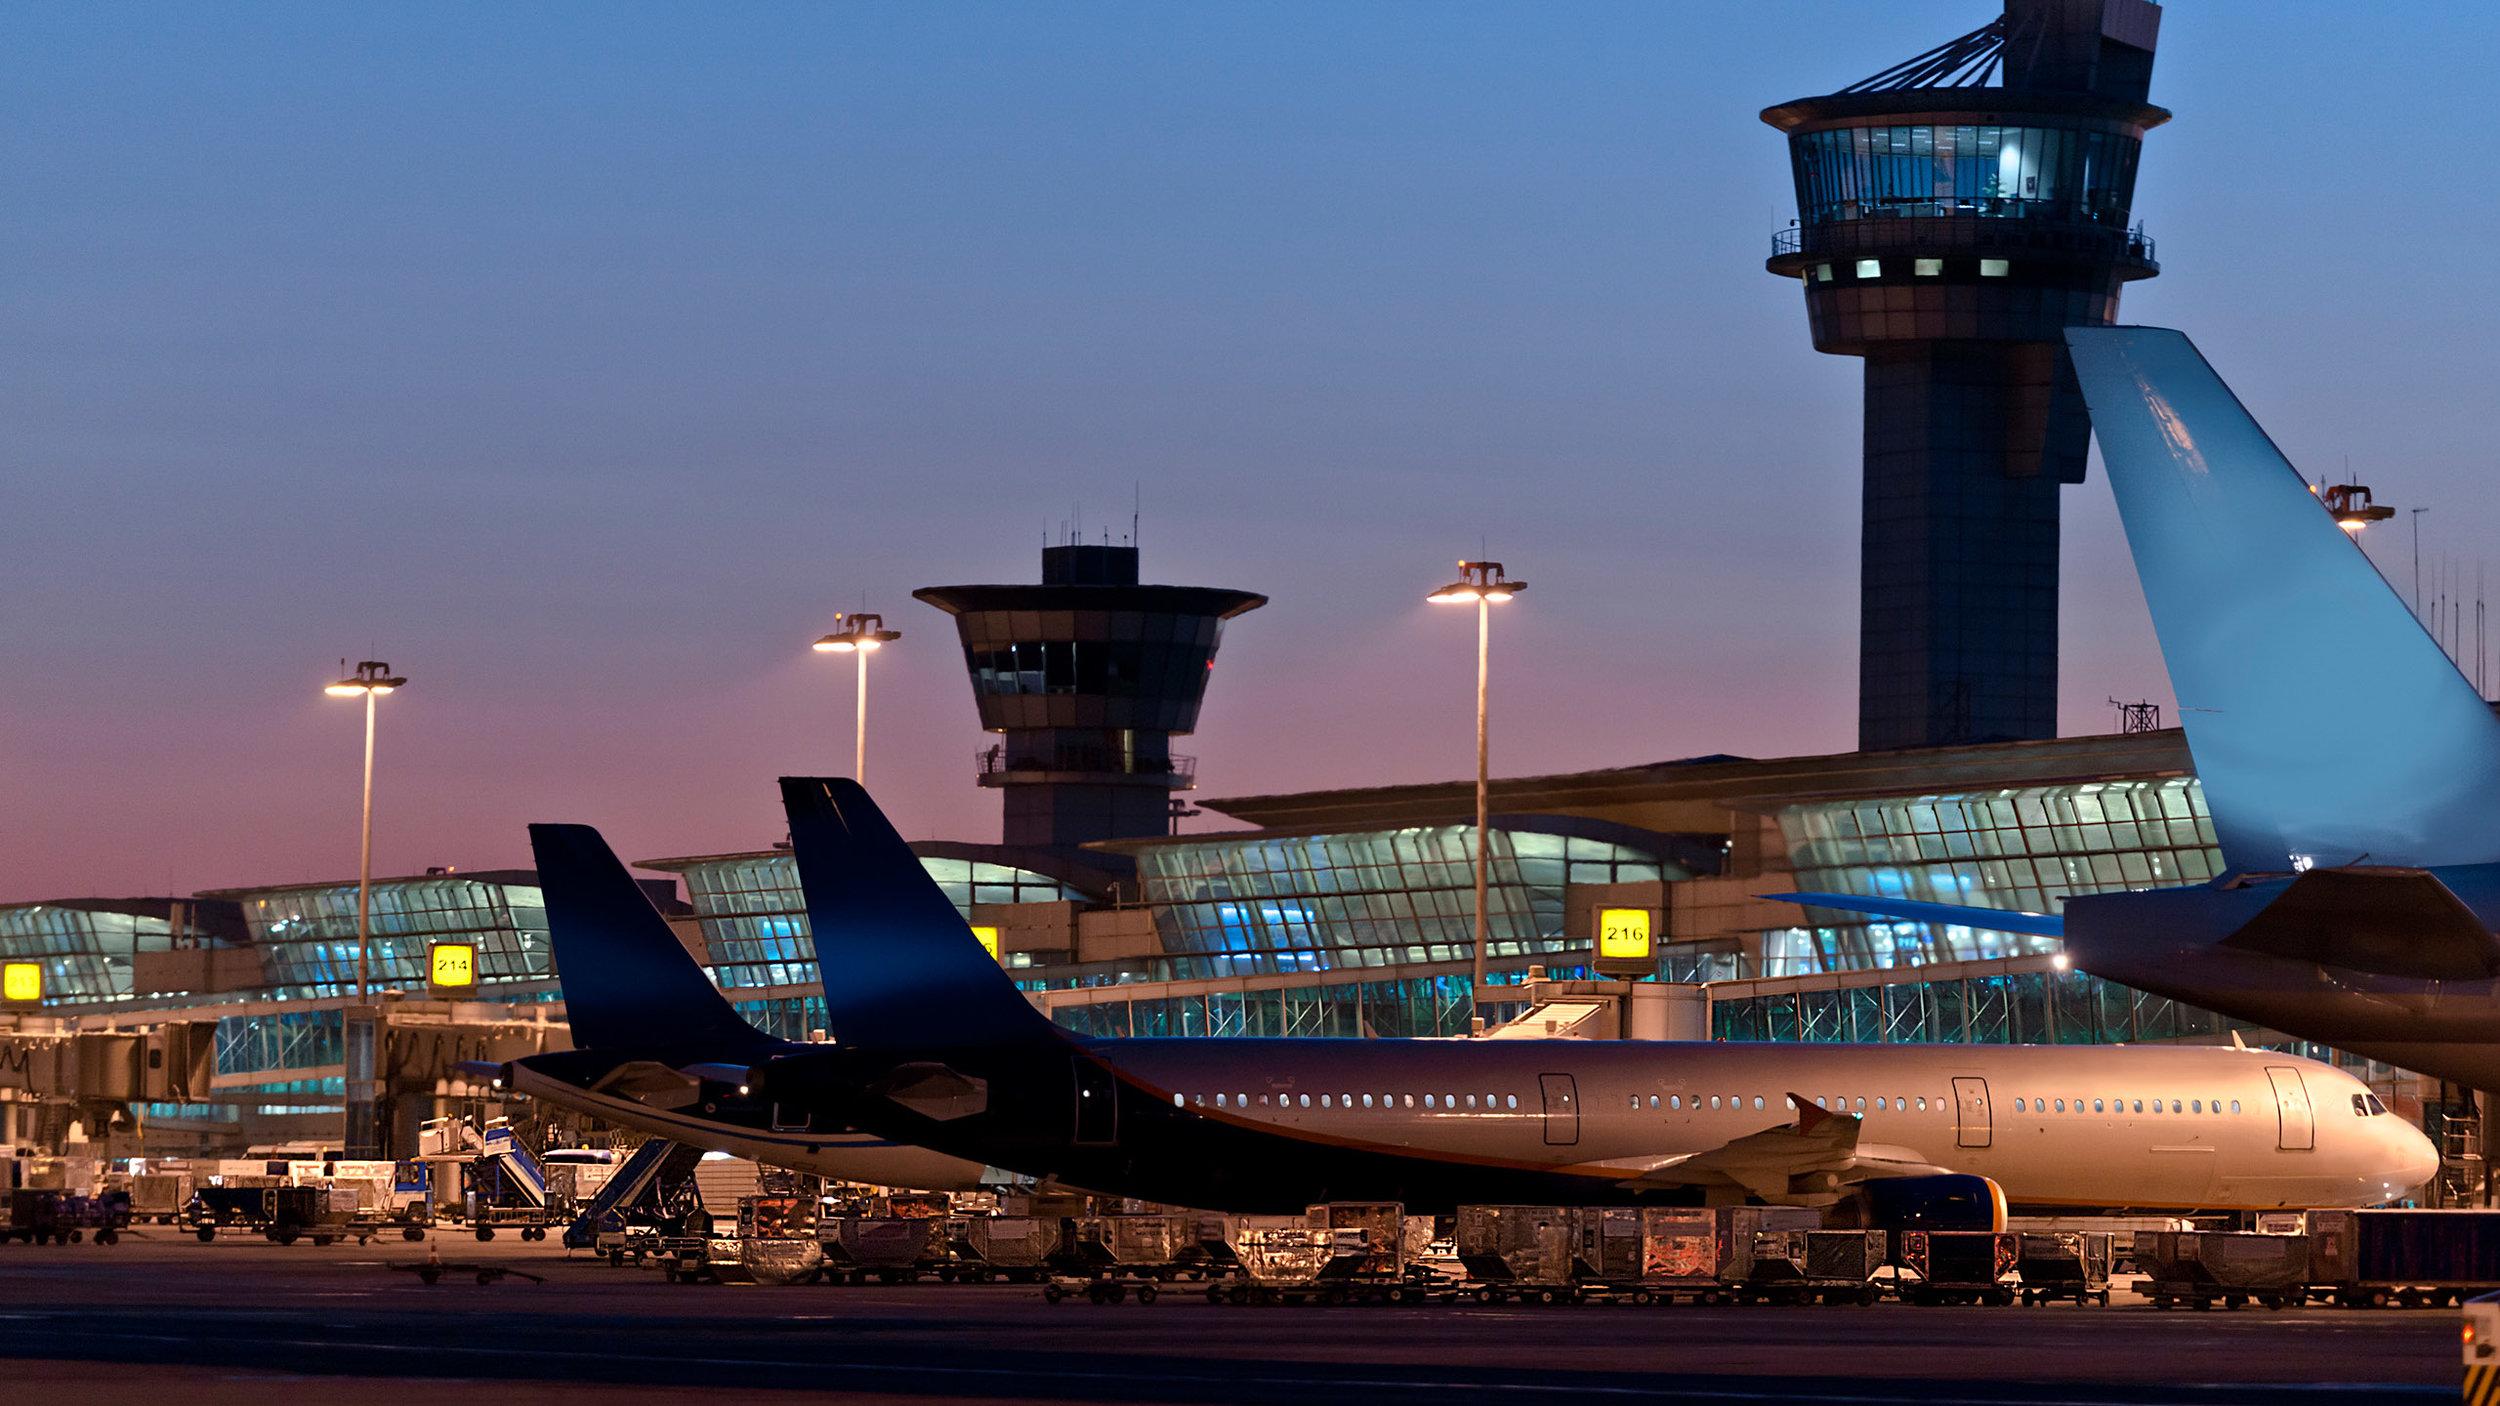 NARITA AIRPORT -